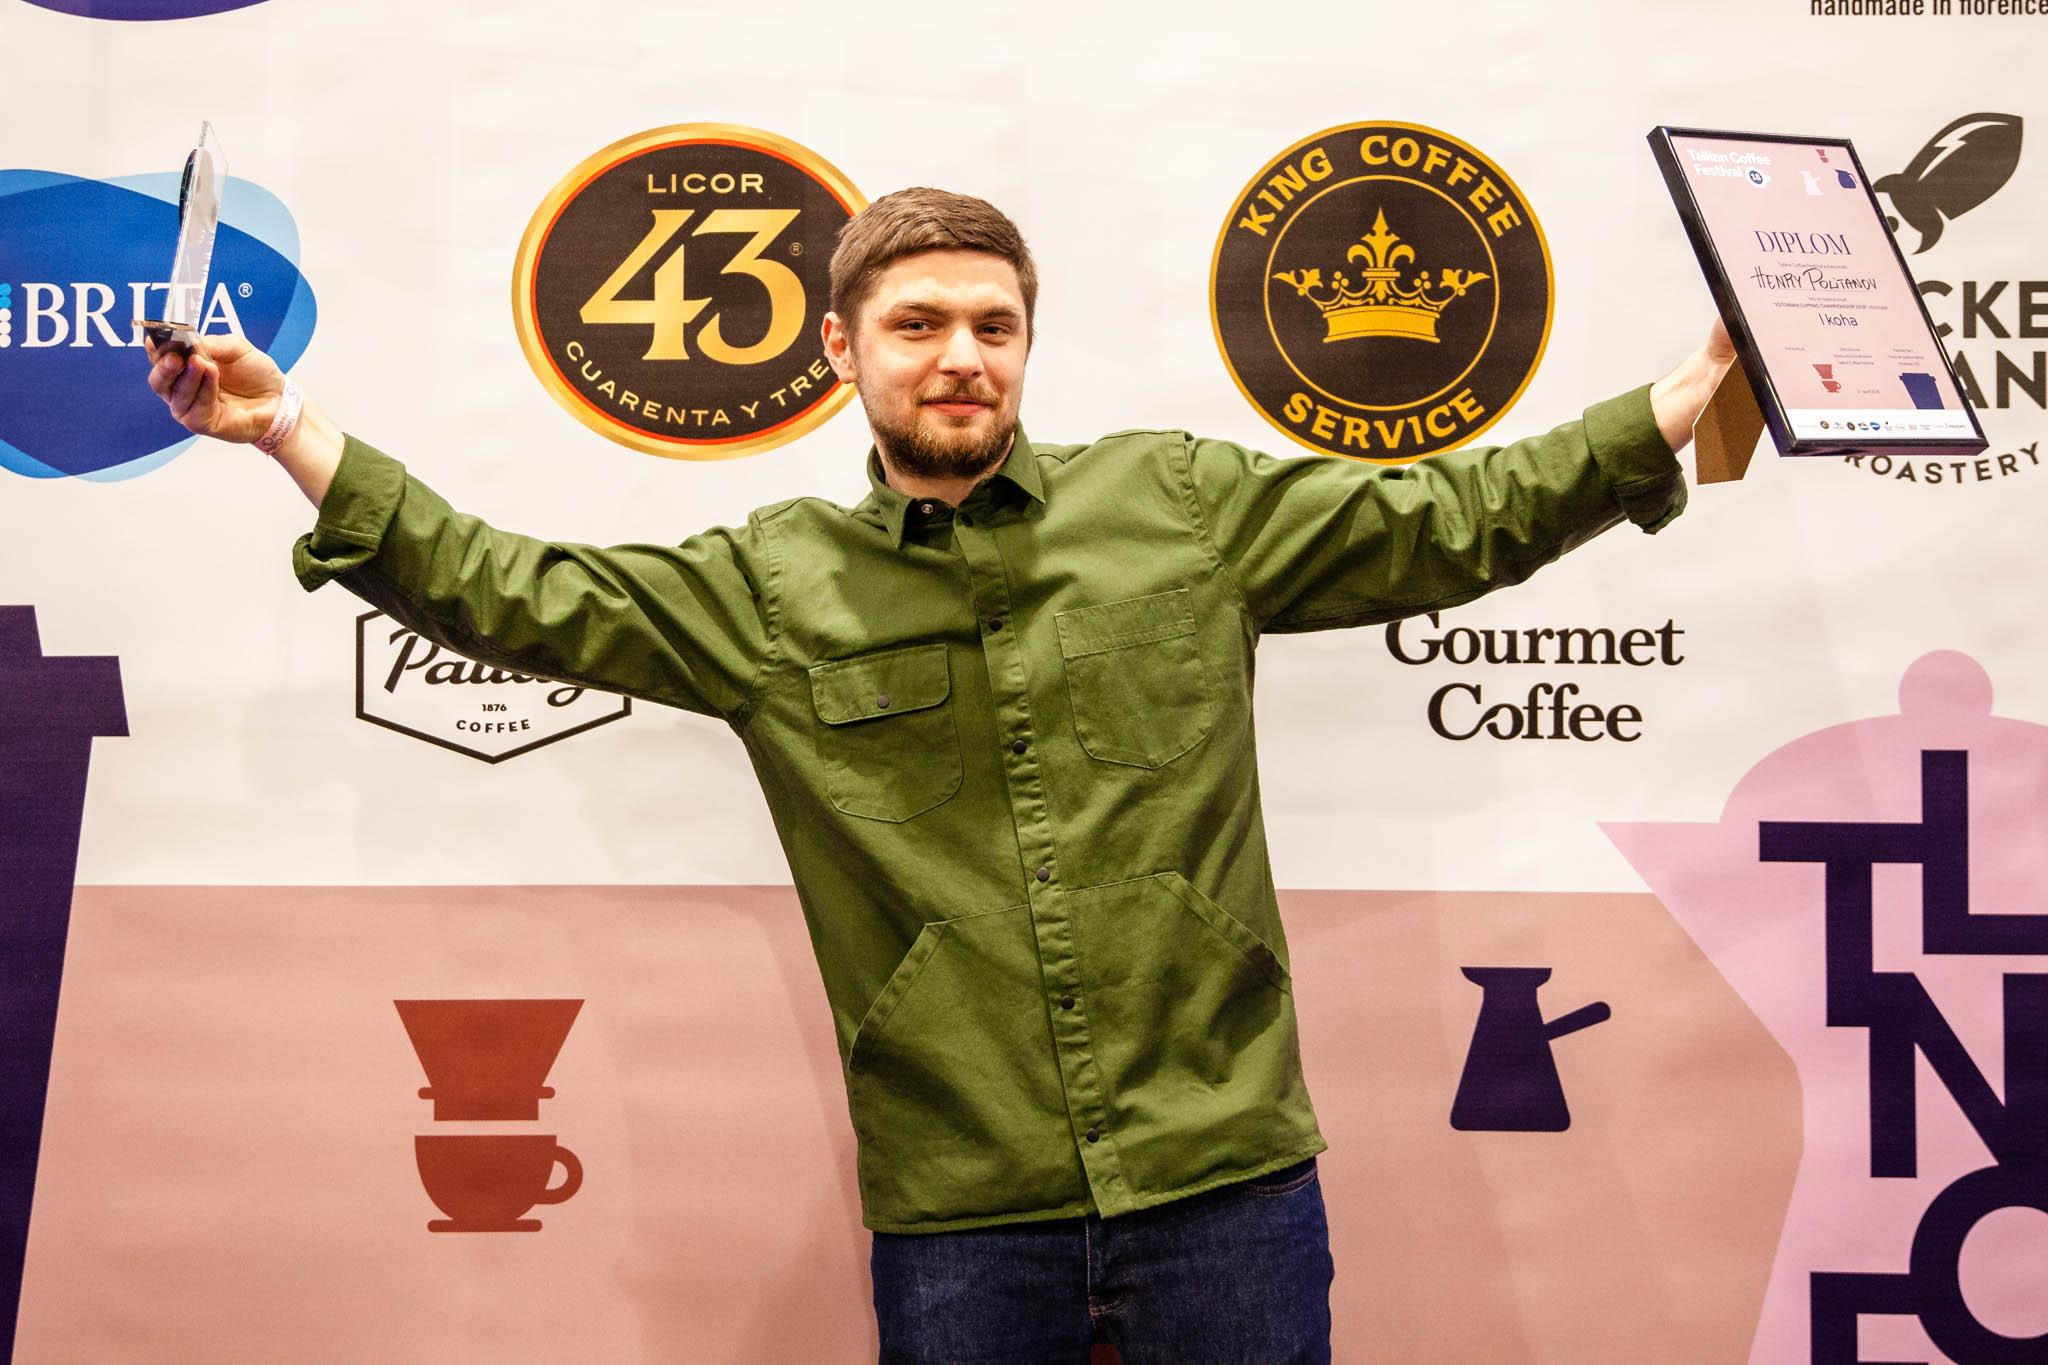 Tunnustus! Eesti parimaks kohvimaitsjaks pärjati taas Henry Politanov